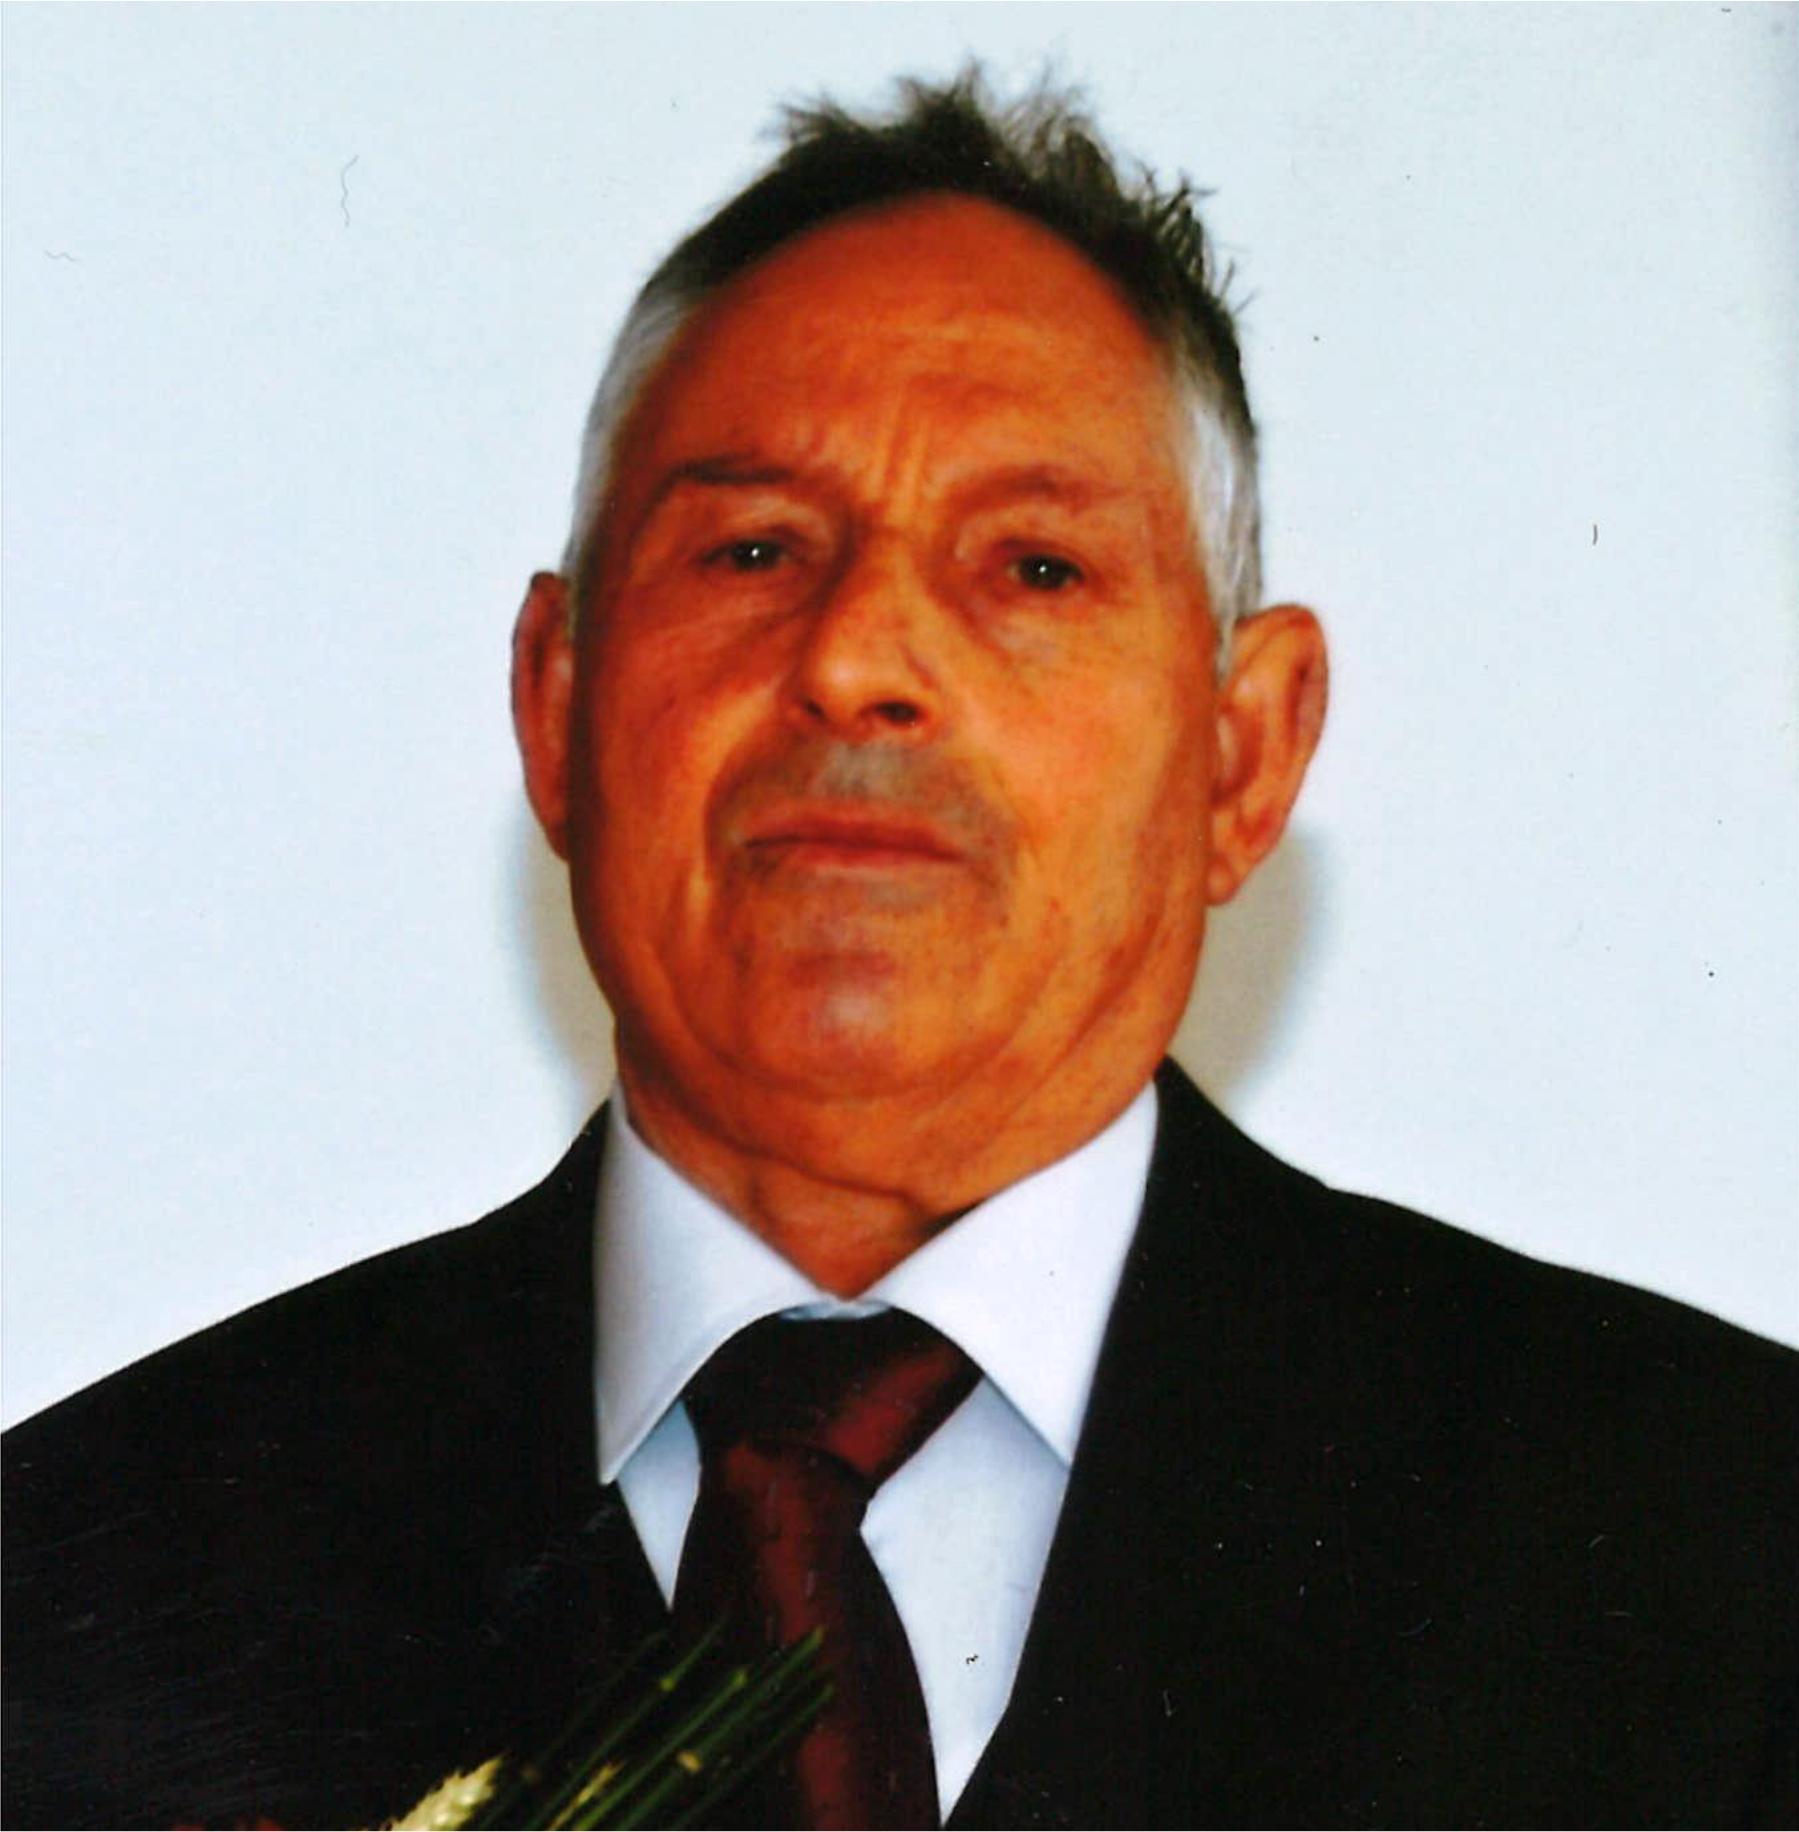 14-08-20 - Manuel Fernandes dos Santos - Matos da Ranha